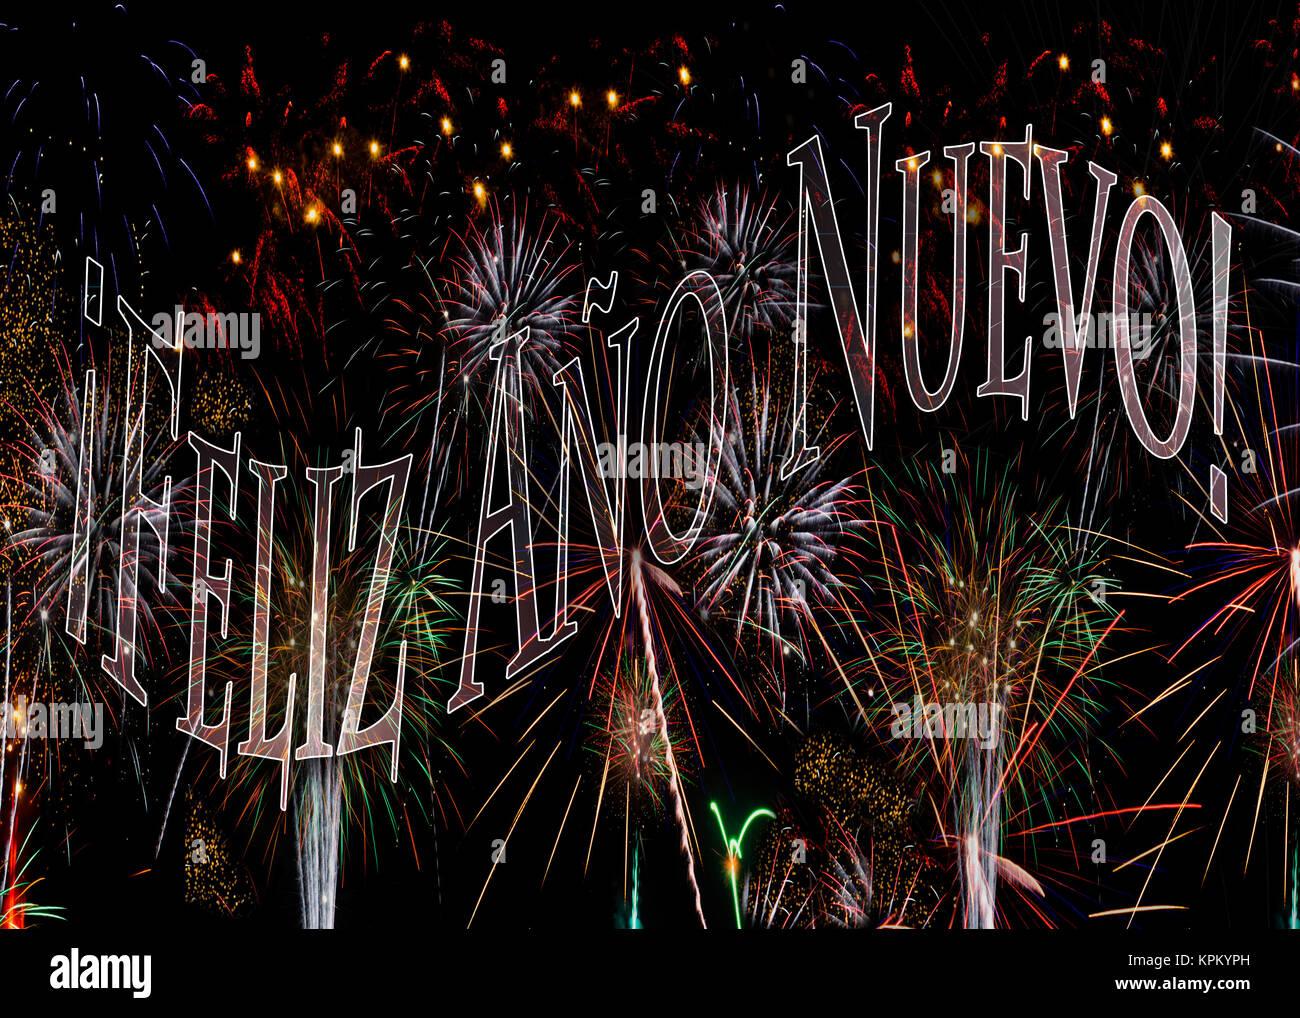 Feliz Año Nuevo! Feuerwerk 2018 Frohes neues Jahr in Spanisch ...